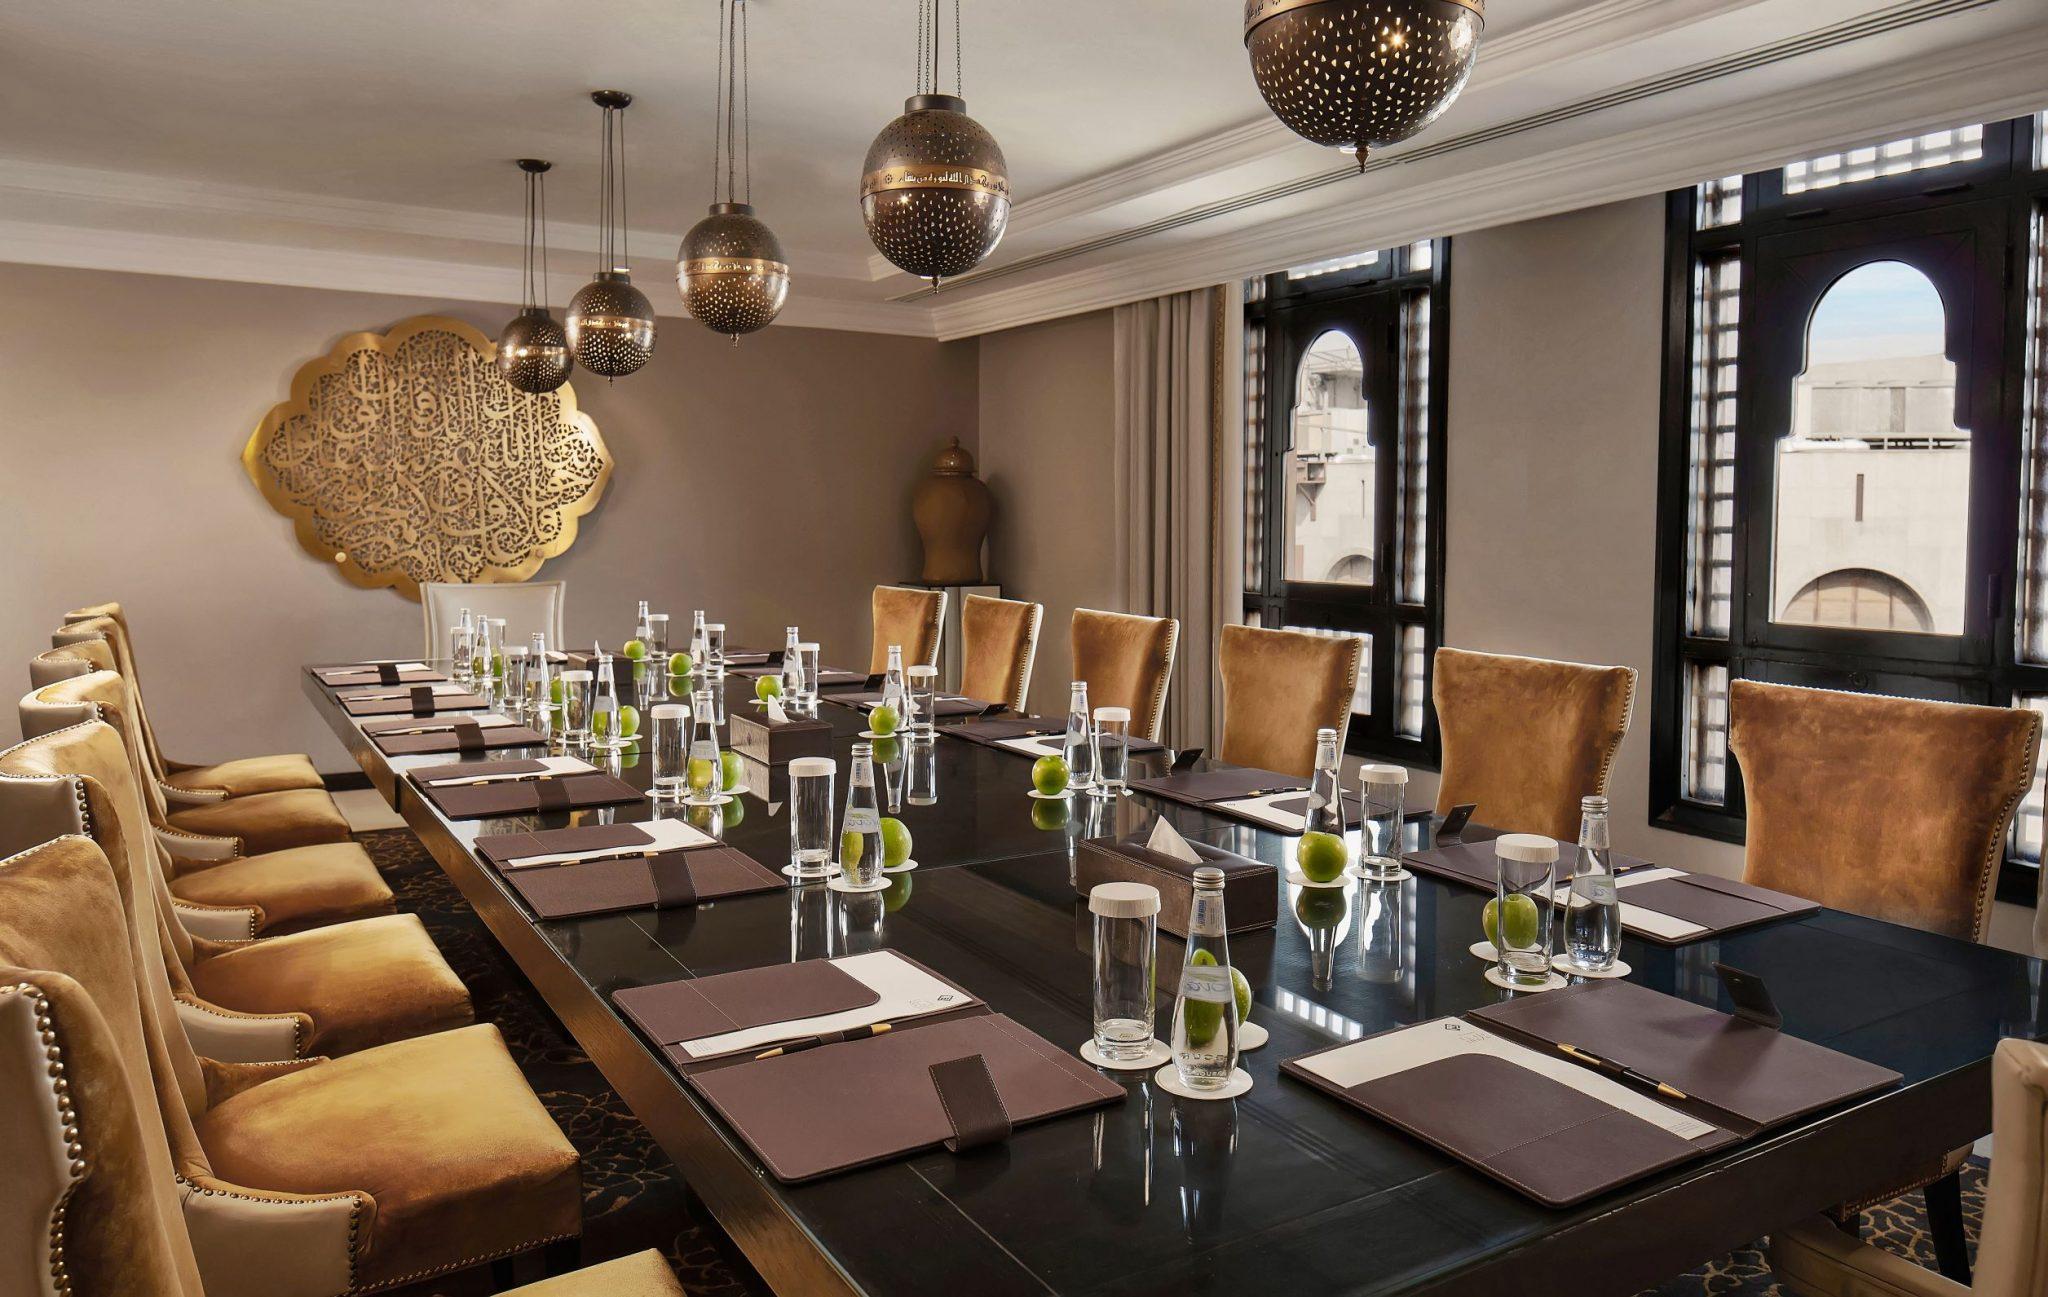 فندق شذا المدينة يحصد جائزة أفضل فندق فاخر في المدينة المنورة